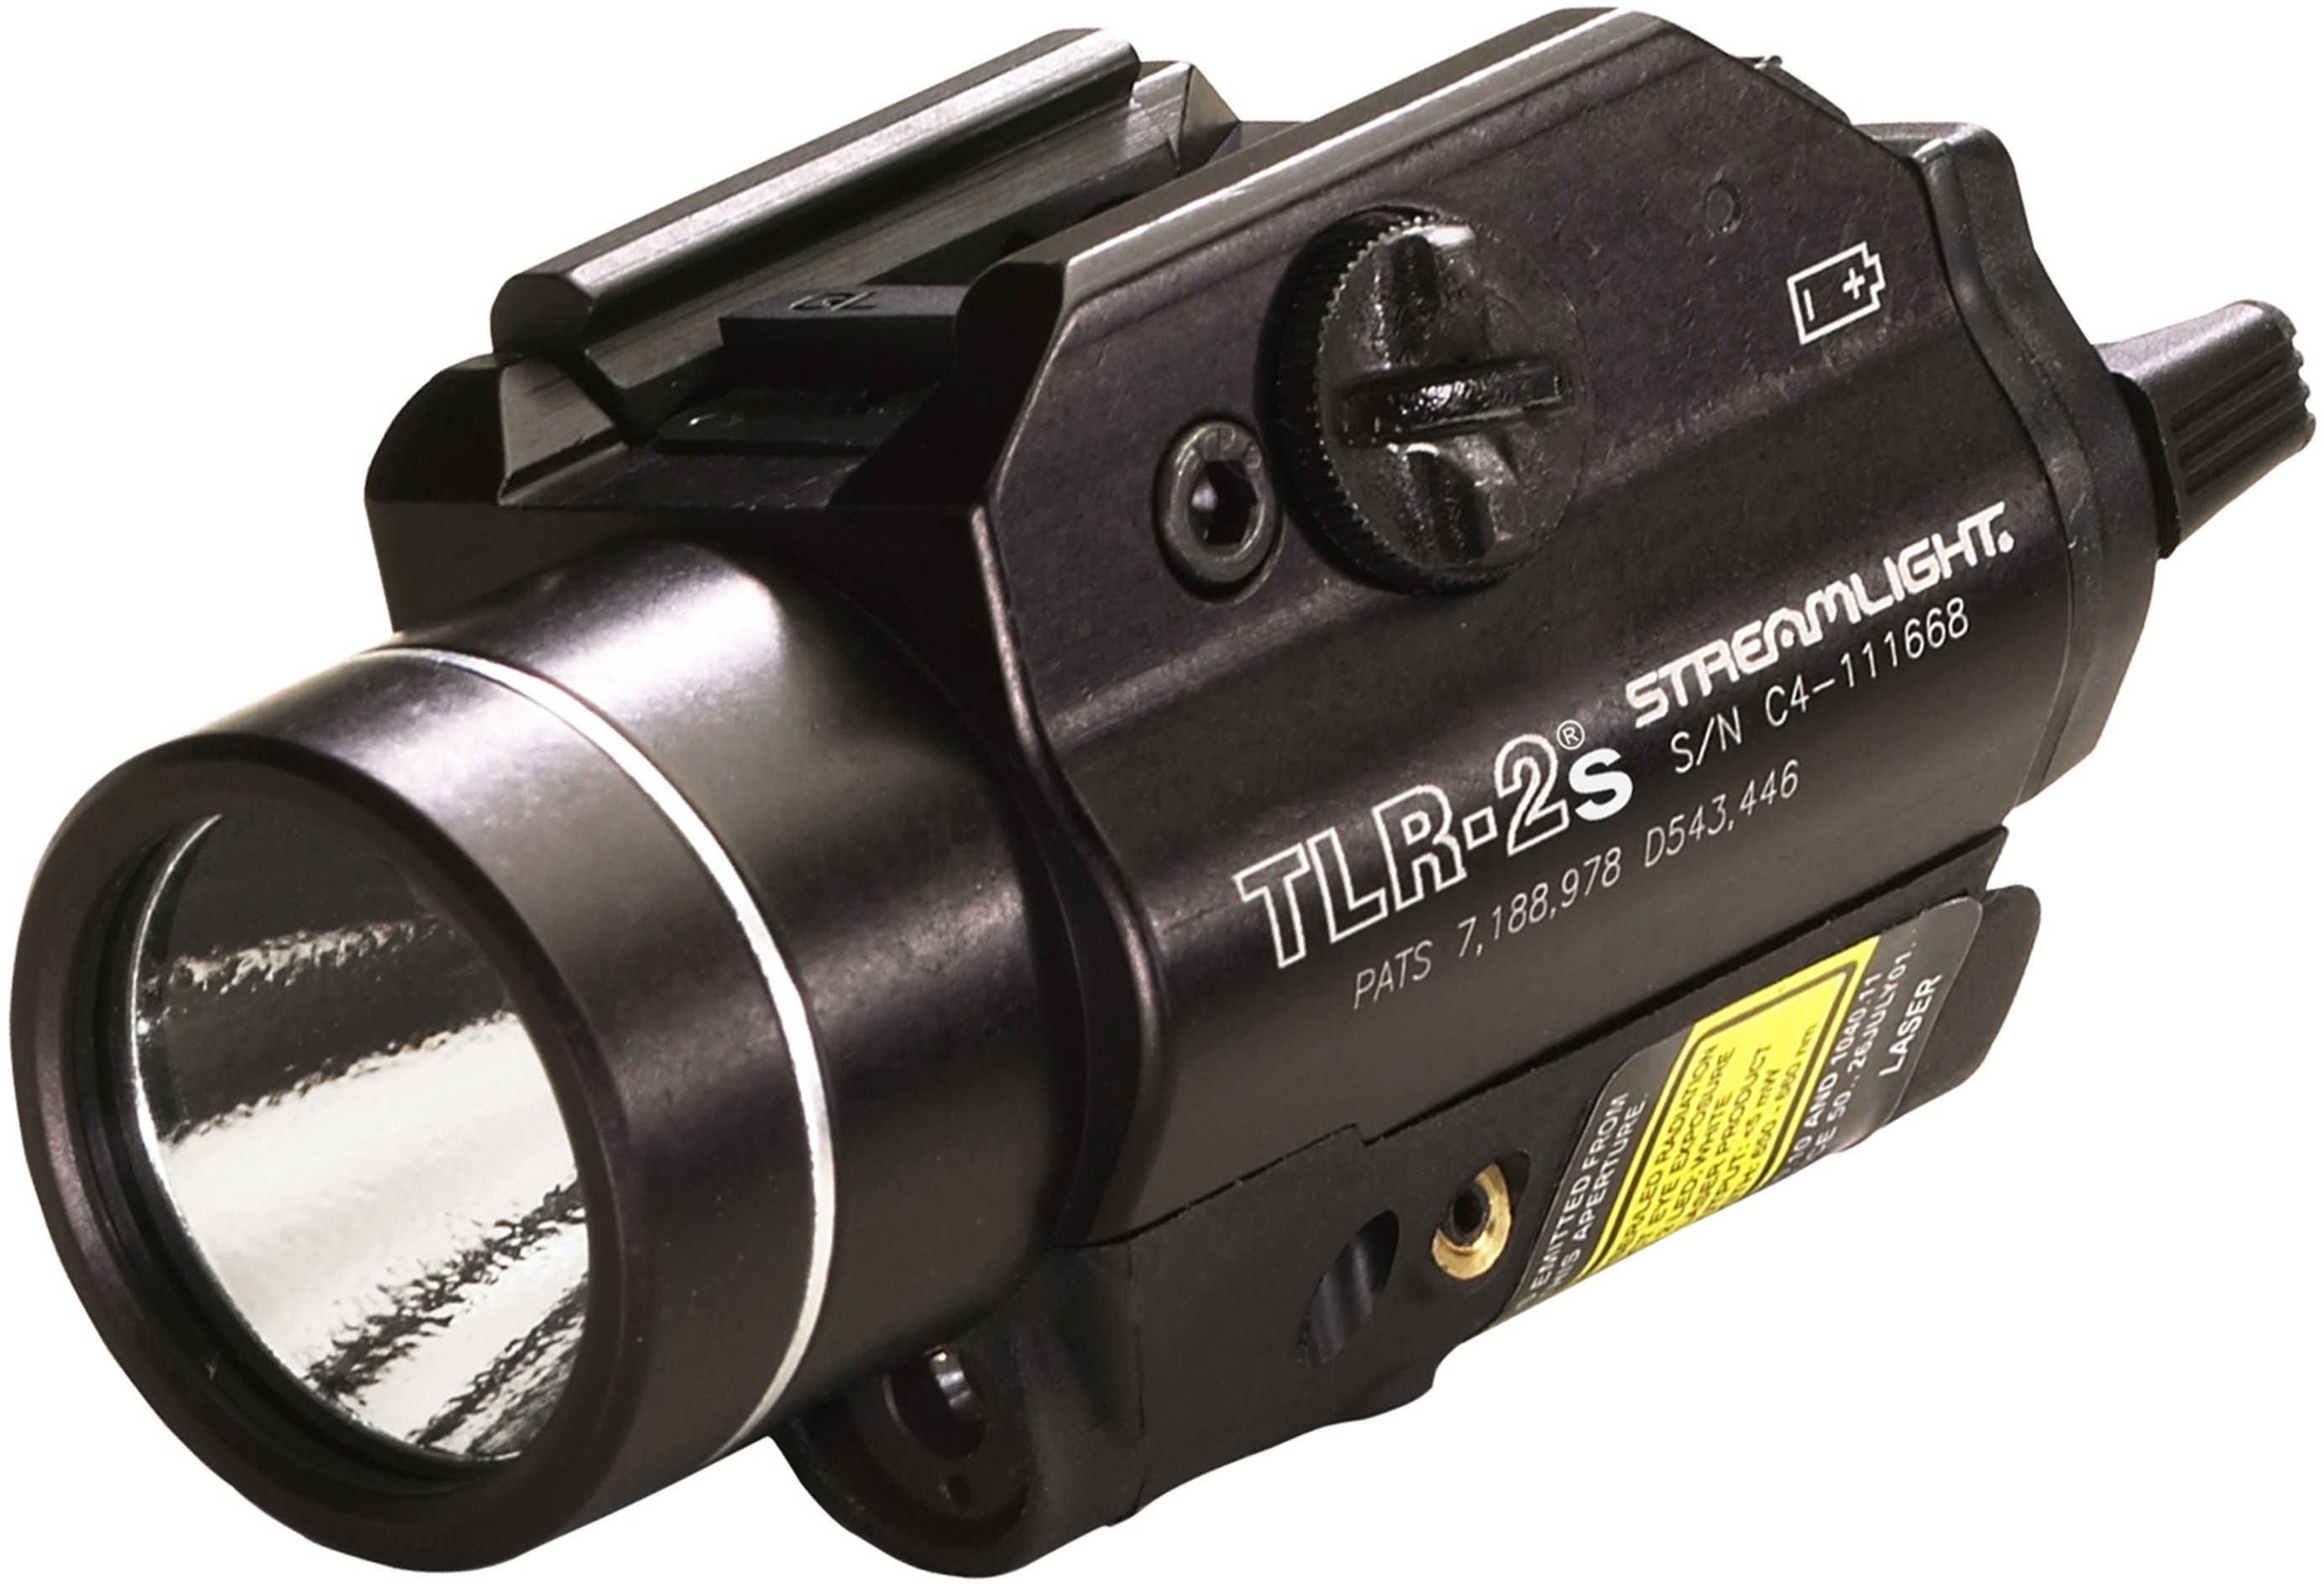 Streamlight TLR-2S Strobe Laser/Light